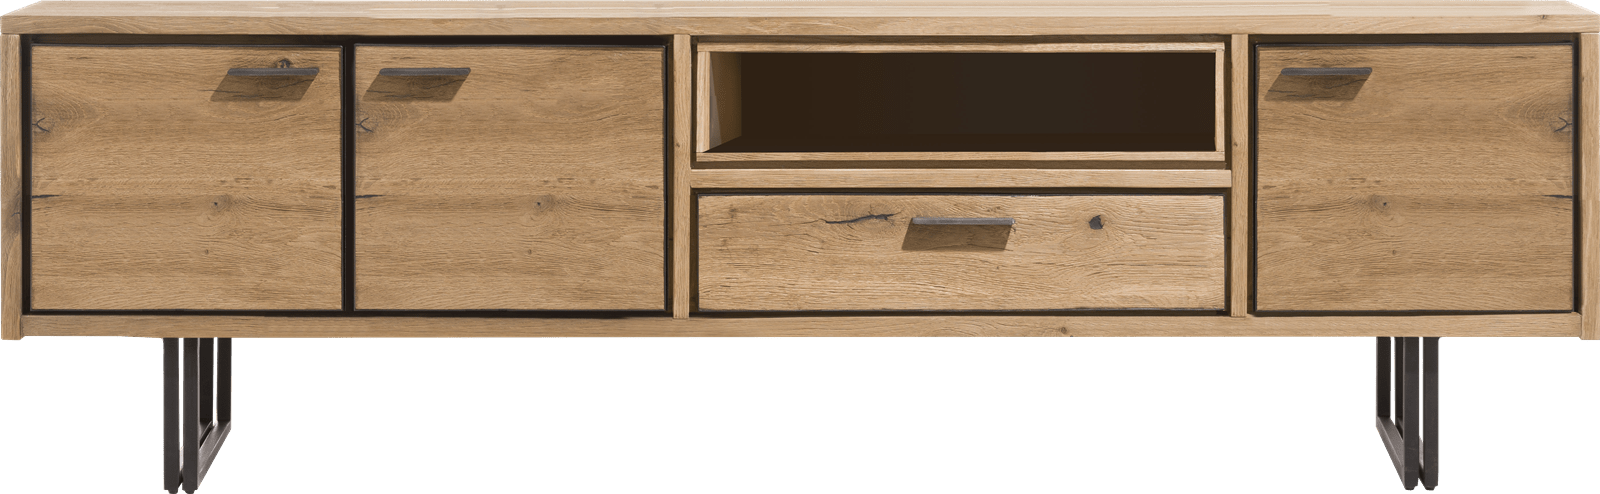 denmark lowboard 200 cm 3 portes 1 tiroir 1 niche led